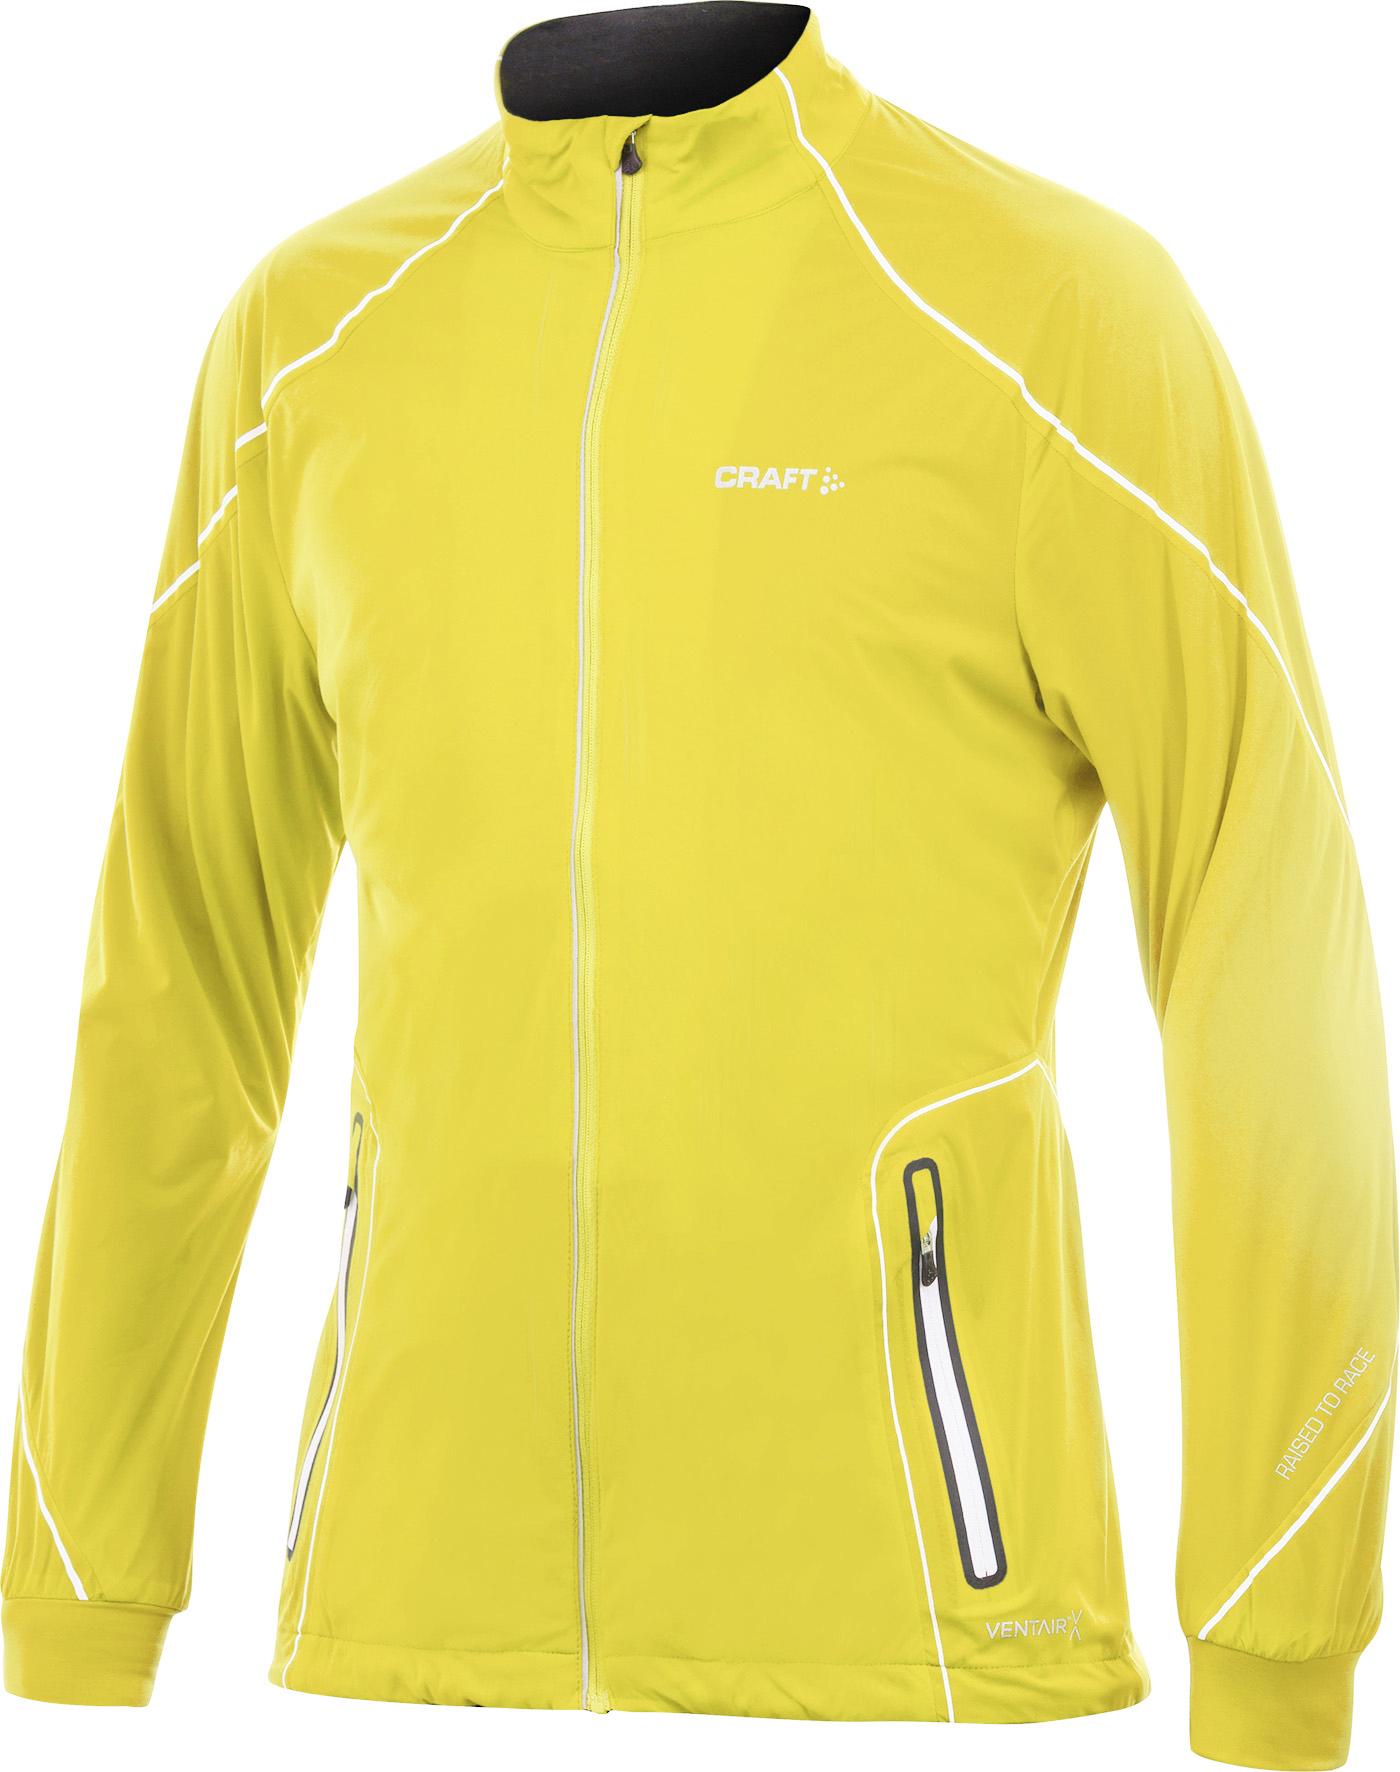 Мужская лыжная куртка Craft Performance XC High Function желтая (1902269-2548)